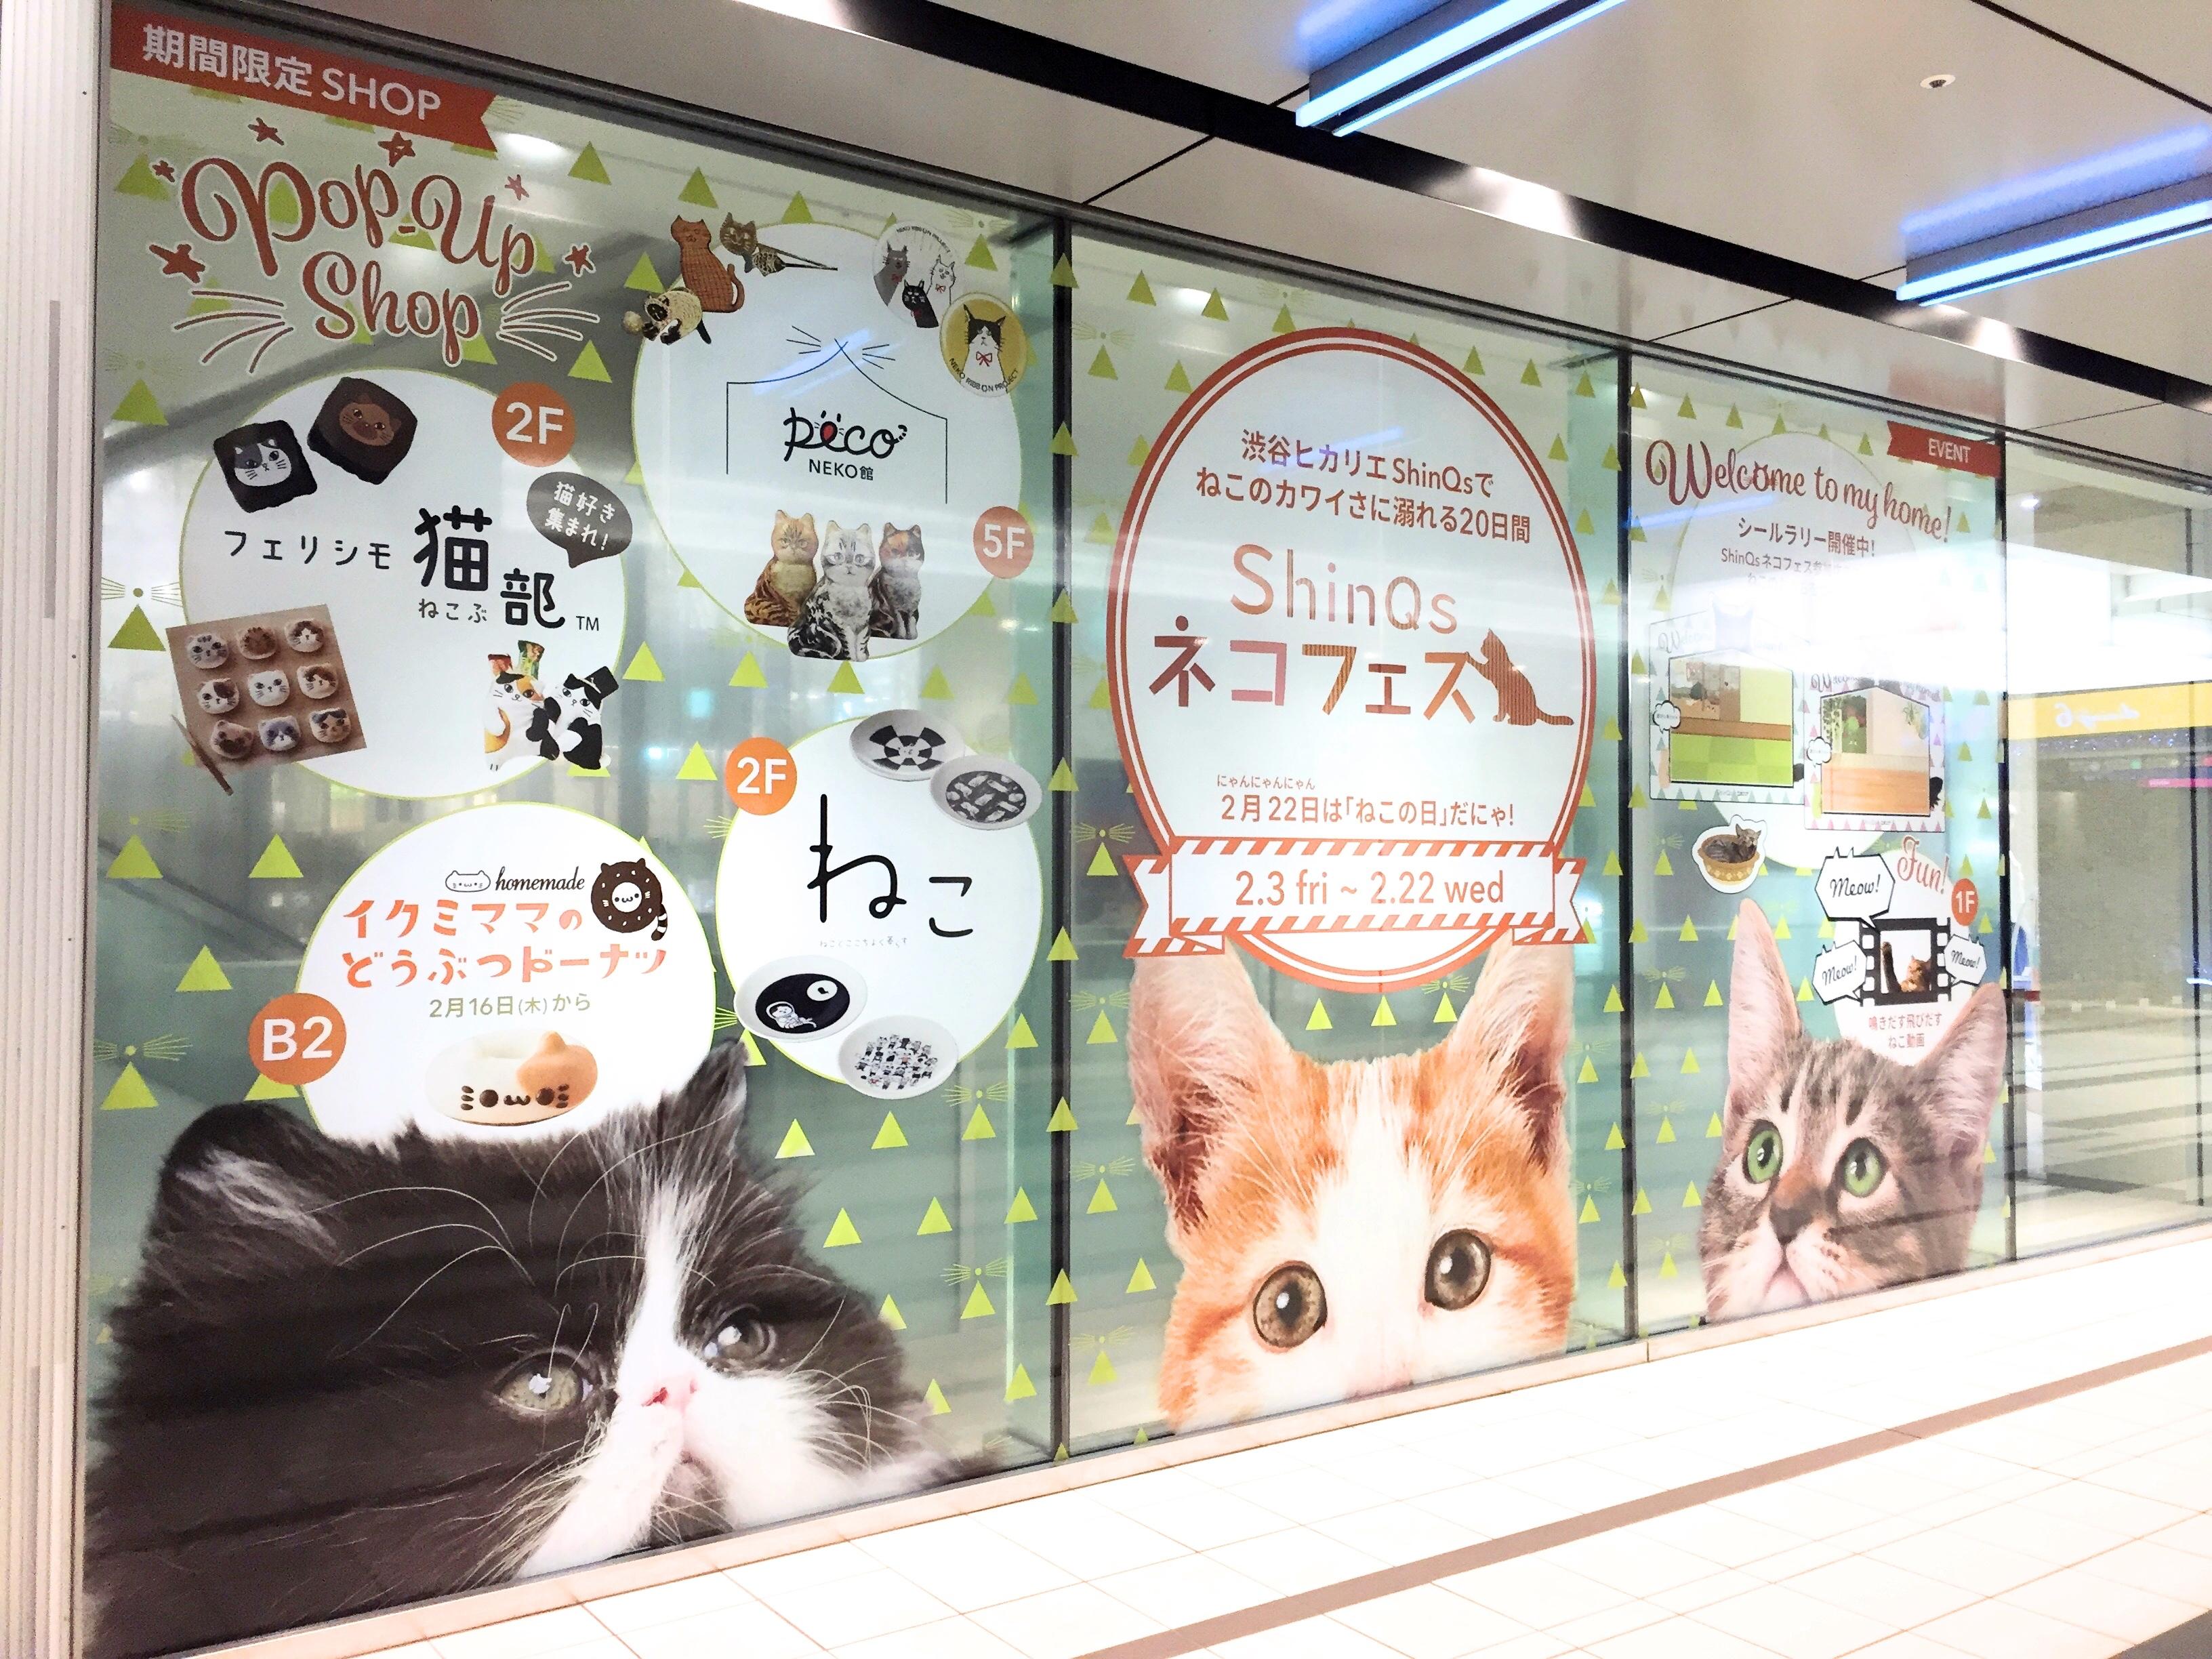 2月15日(水)からイベント後半! 渋谷ヒカリエにて「ShinQs ネコフェス!!」開催中